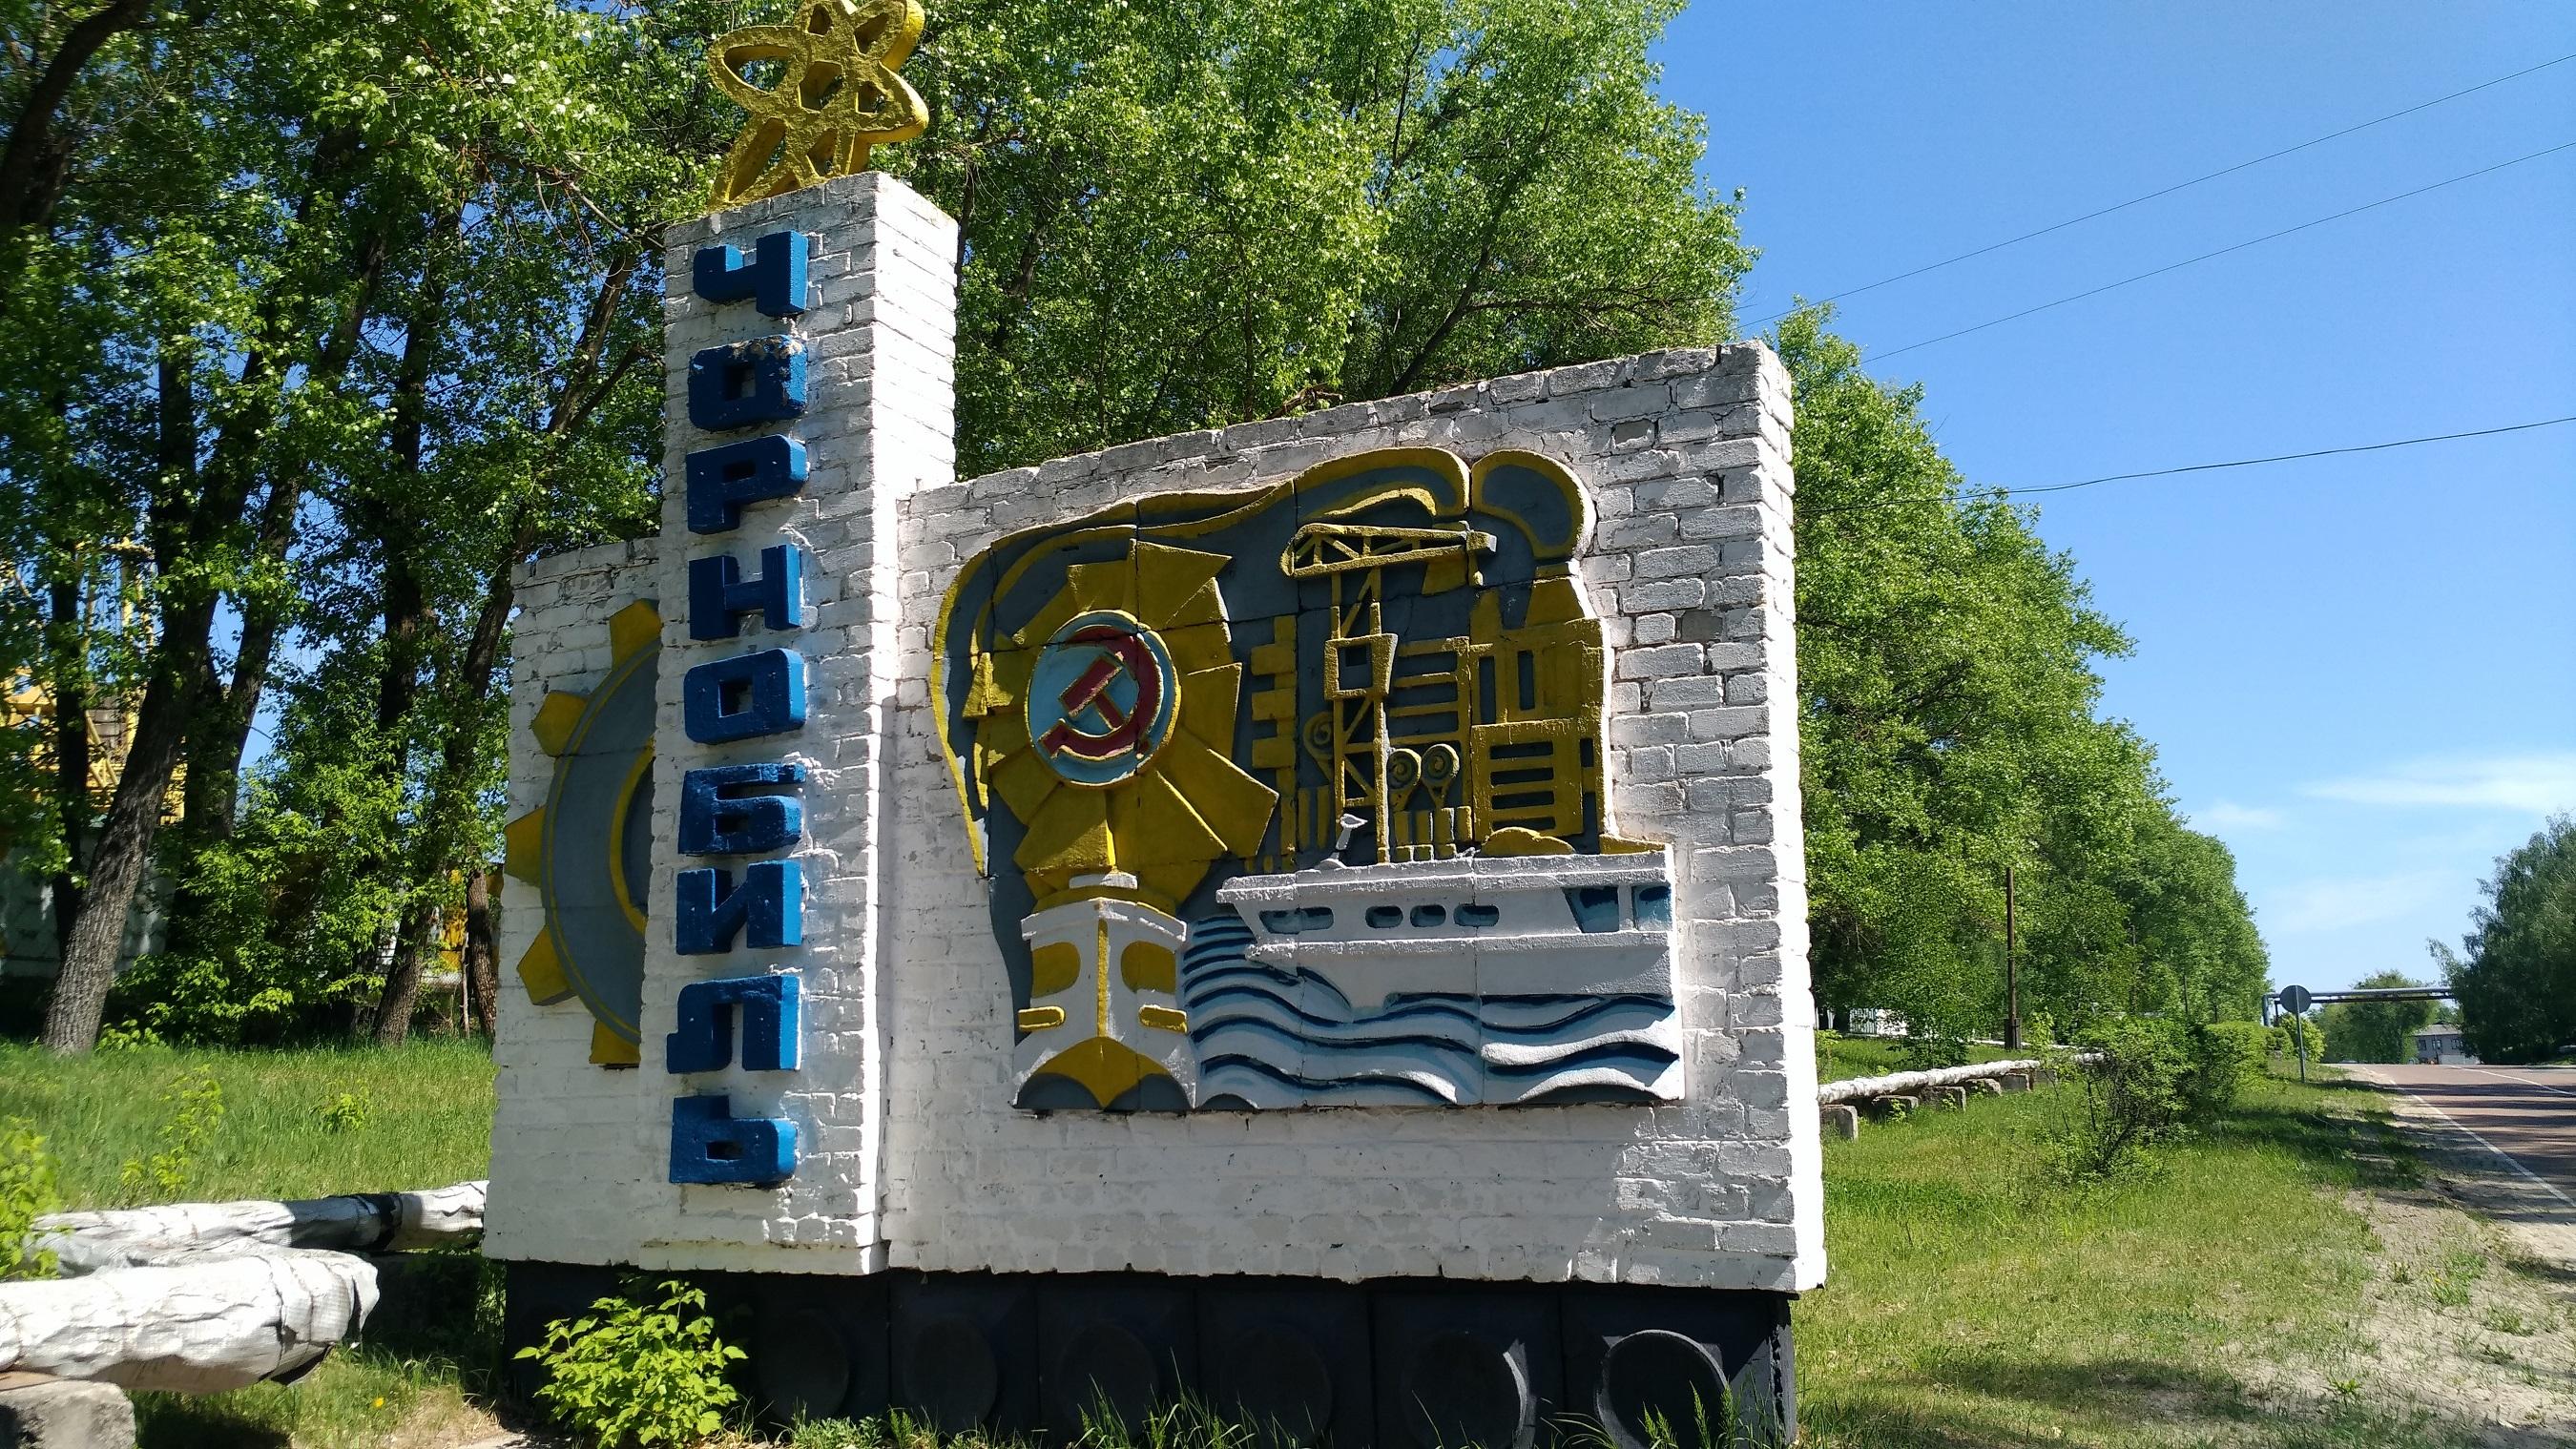 チェルノブイリツアー(ウクライナ/チェルノブイリ)チェルノブイリへの入り口